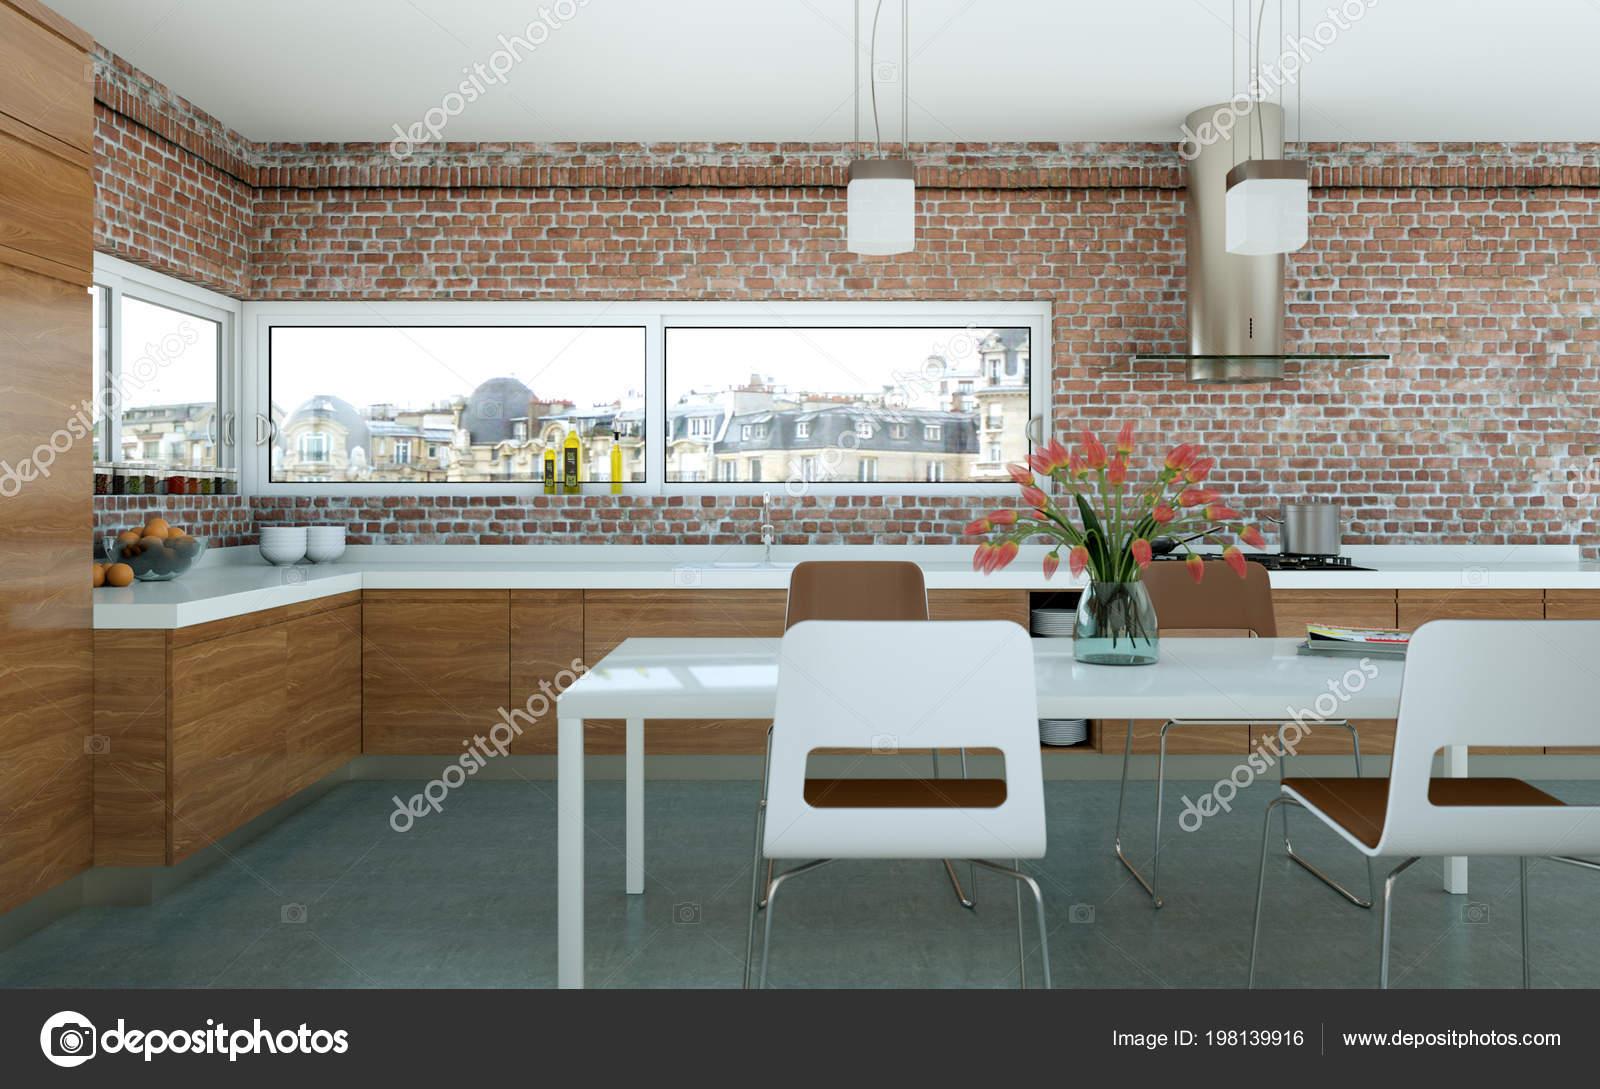 Cucina moderna in legno in un loft con muro in pietra — Foto Stock ...